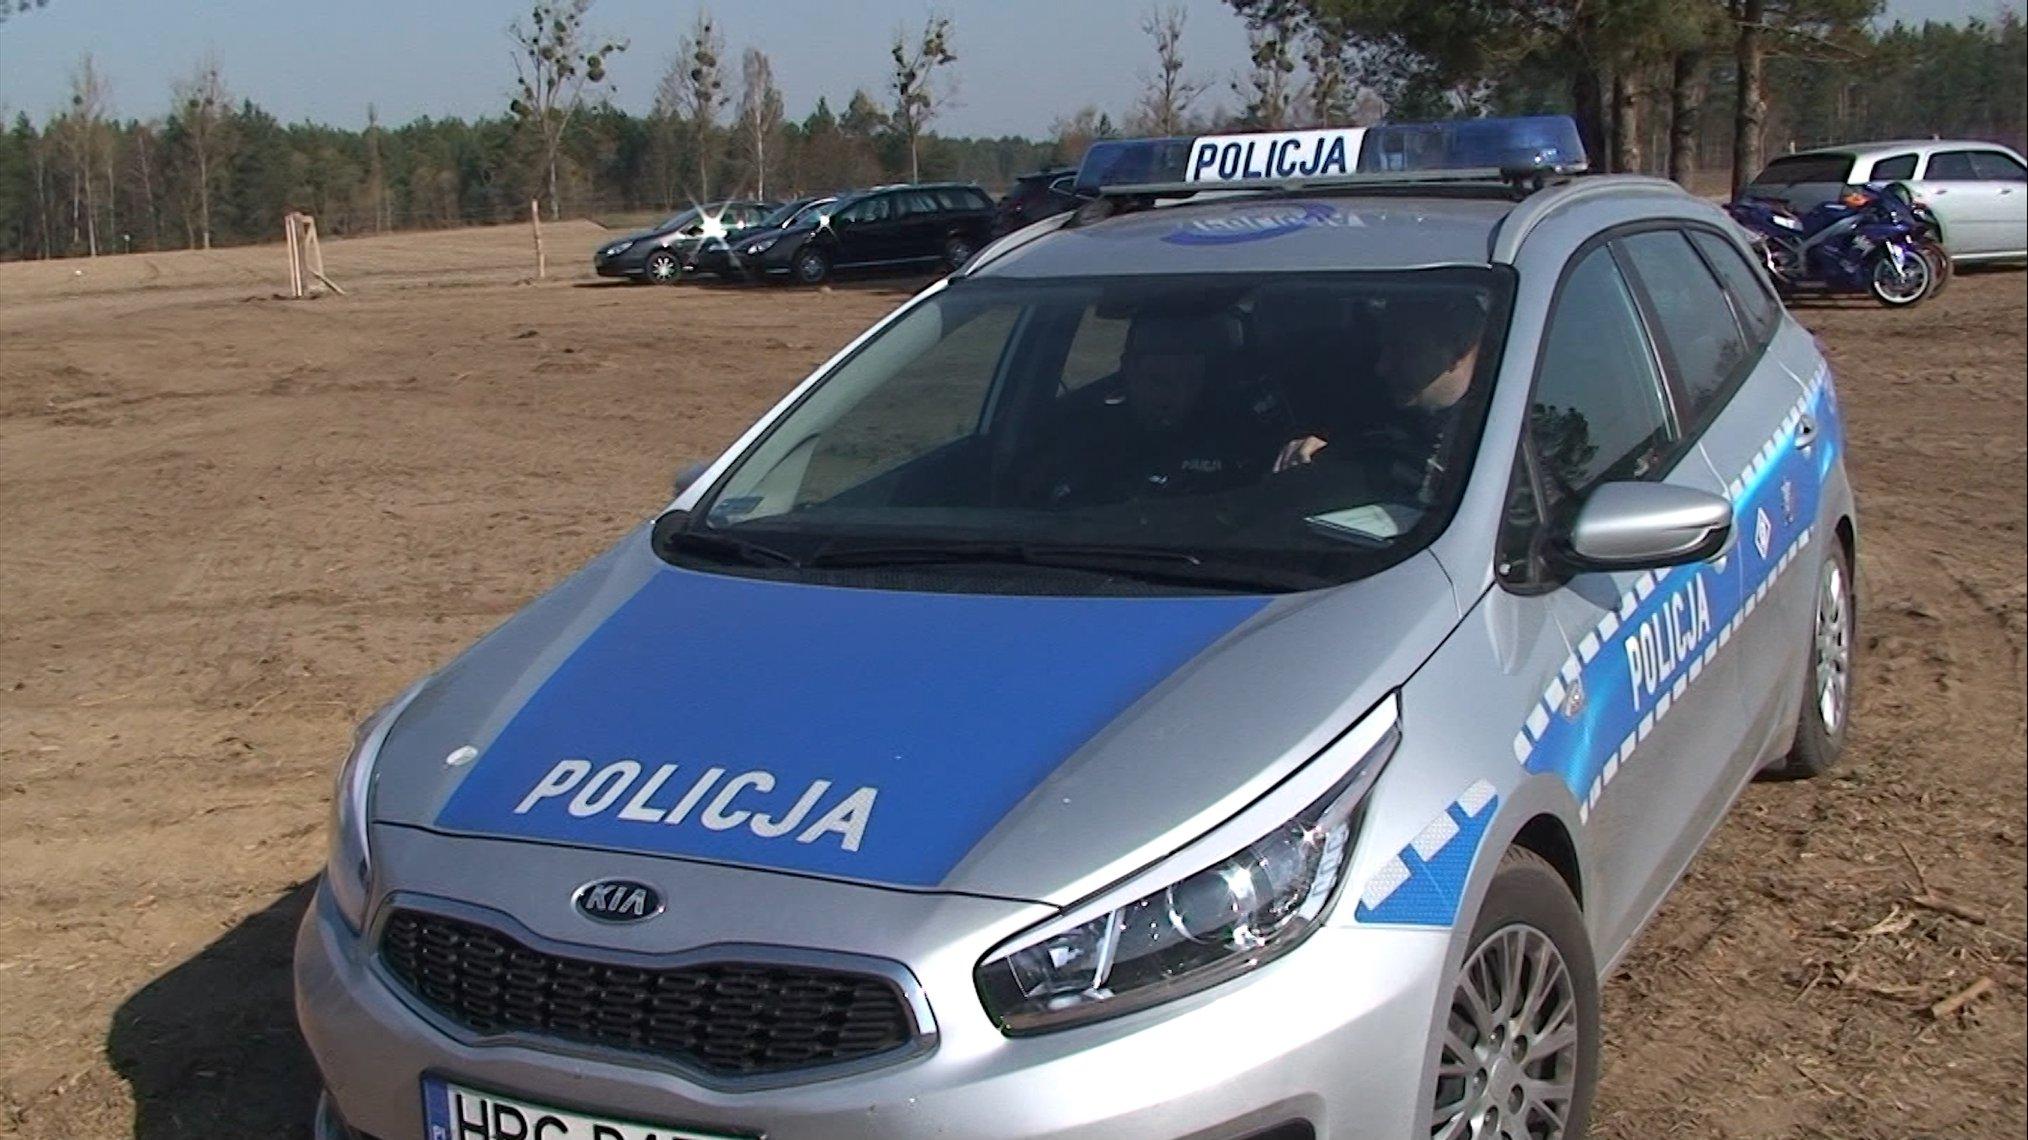 Dodatkowe patrole na terenie powiatu tucholskiego